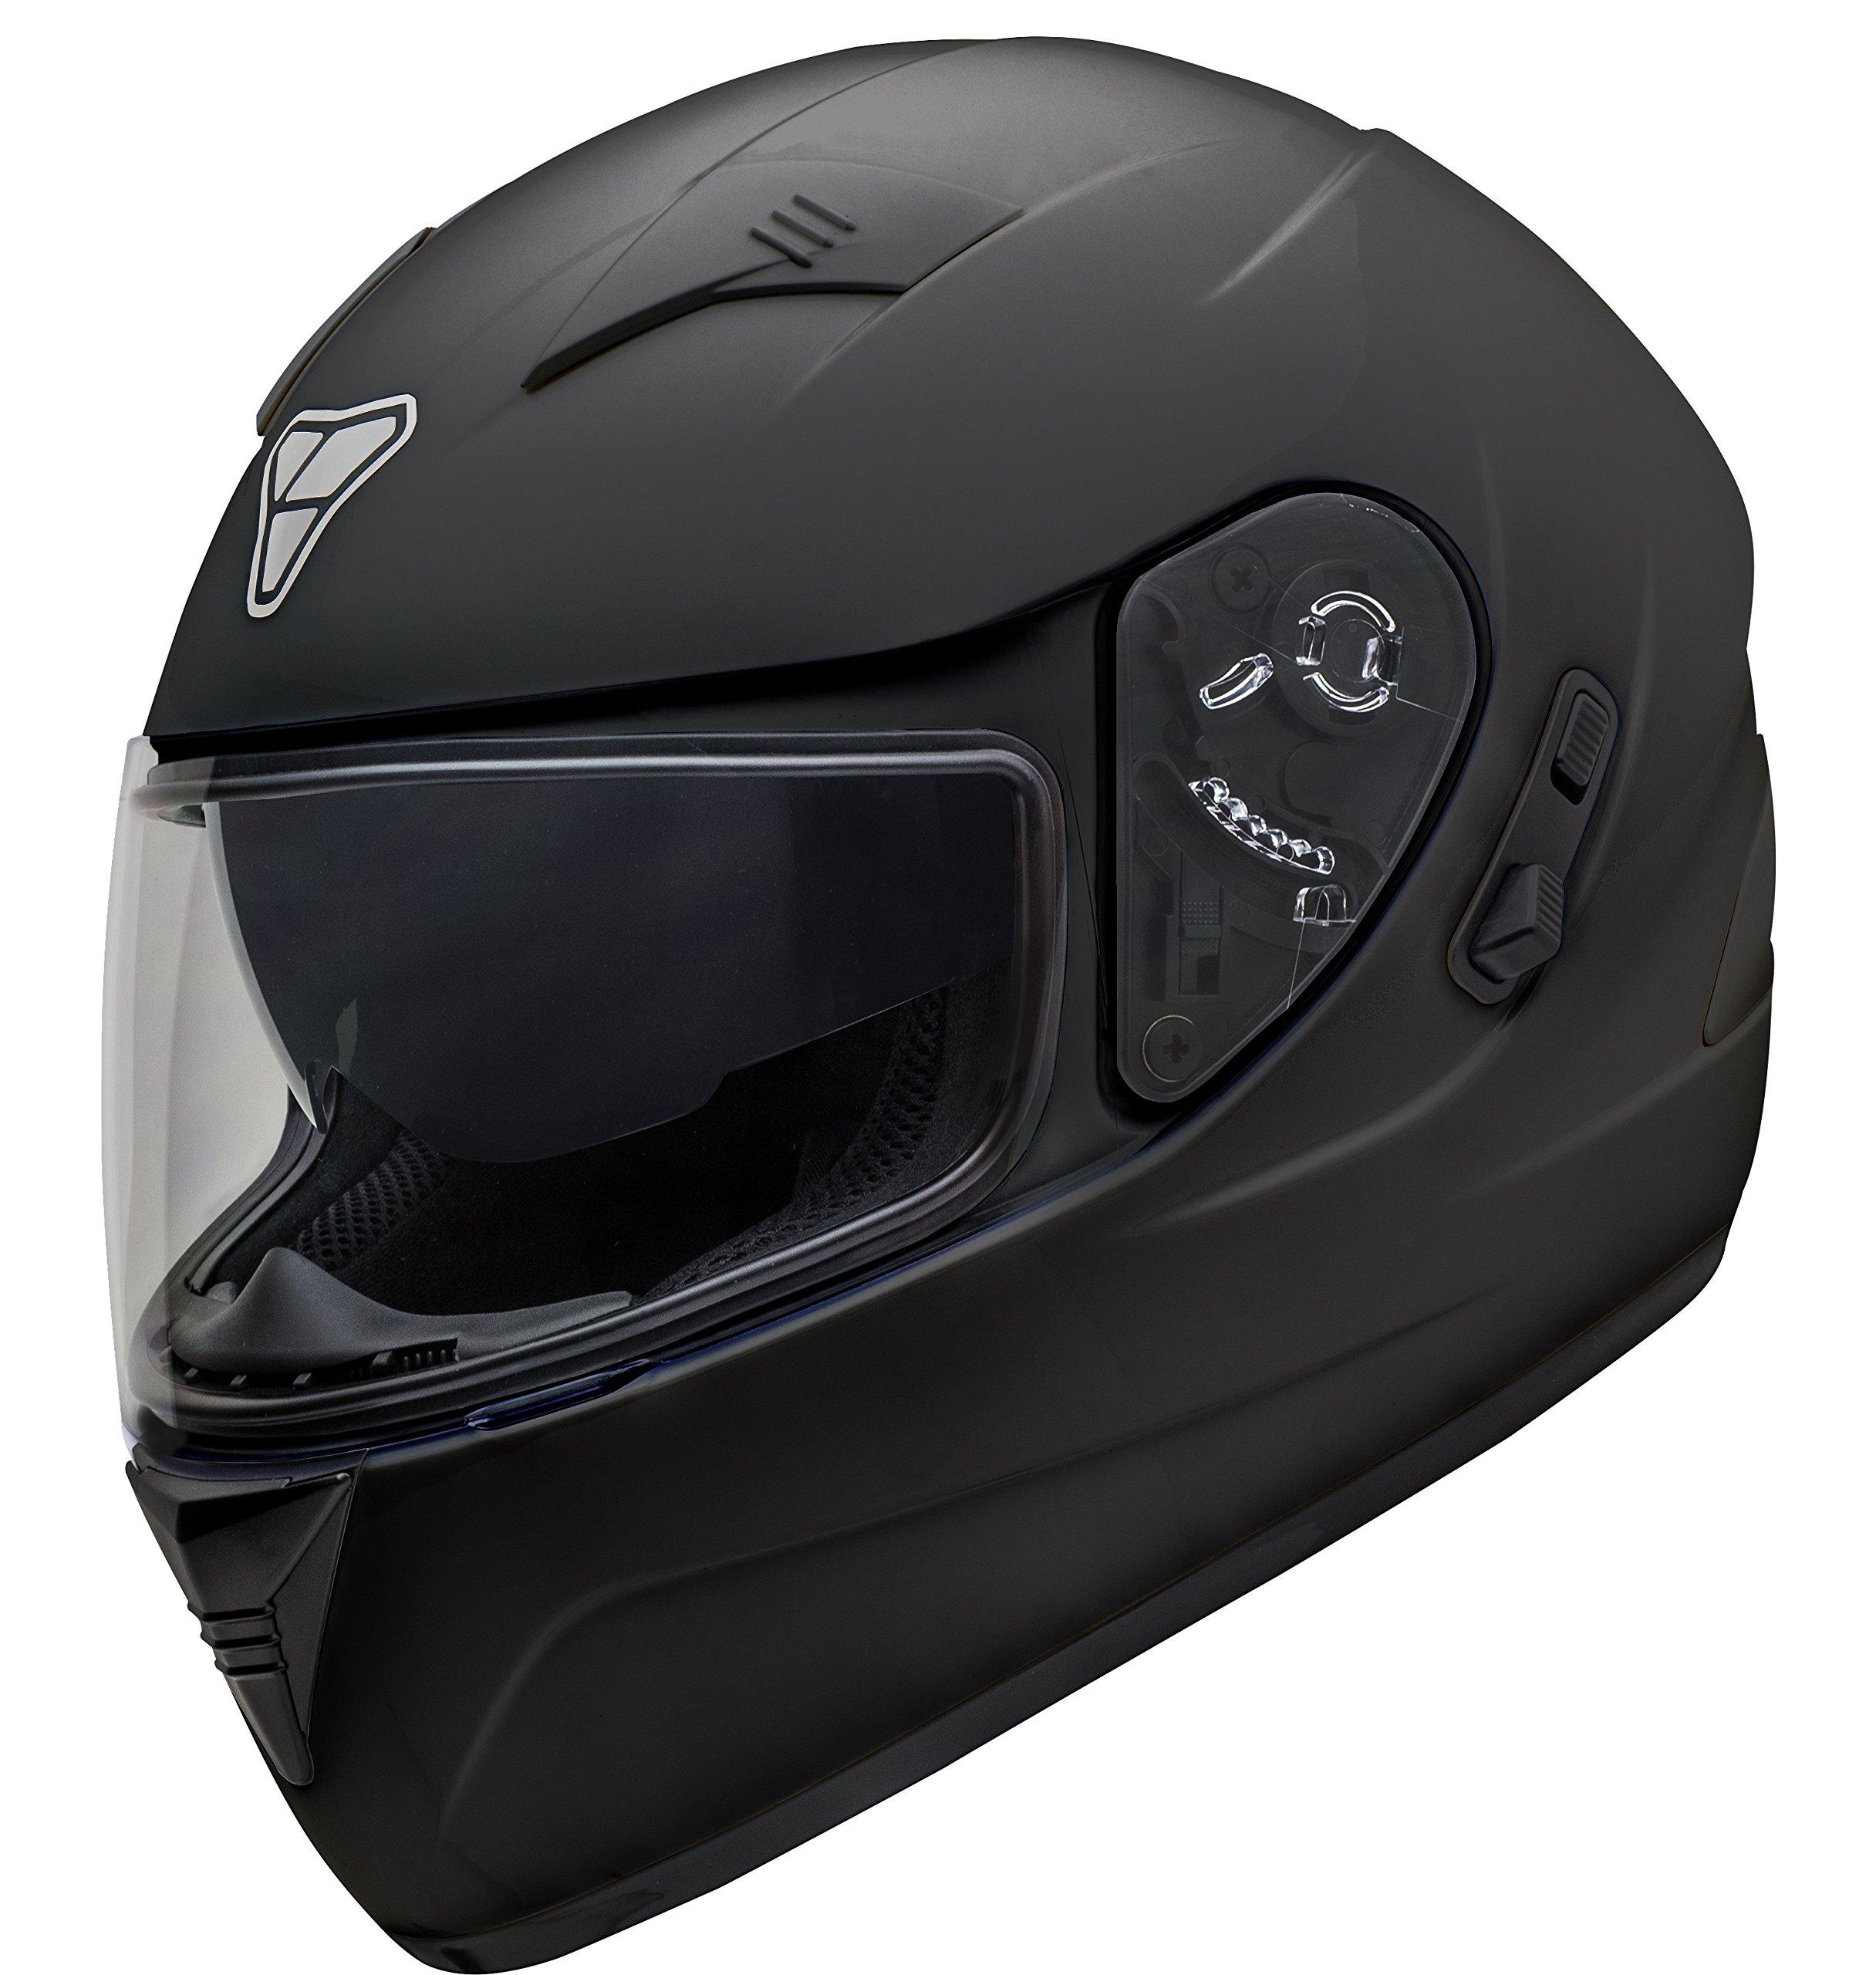 Pilot Motosport ST-17 Full-Face Motorcycle Helmet (Matte Black, Large)